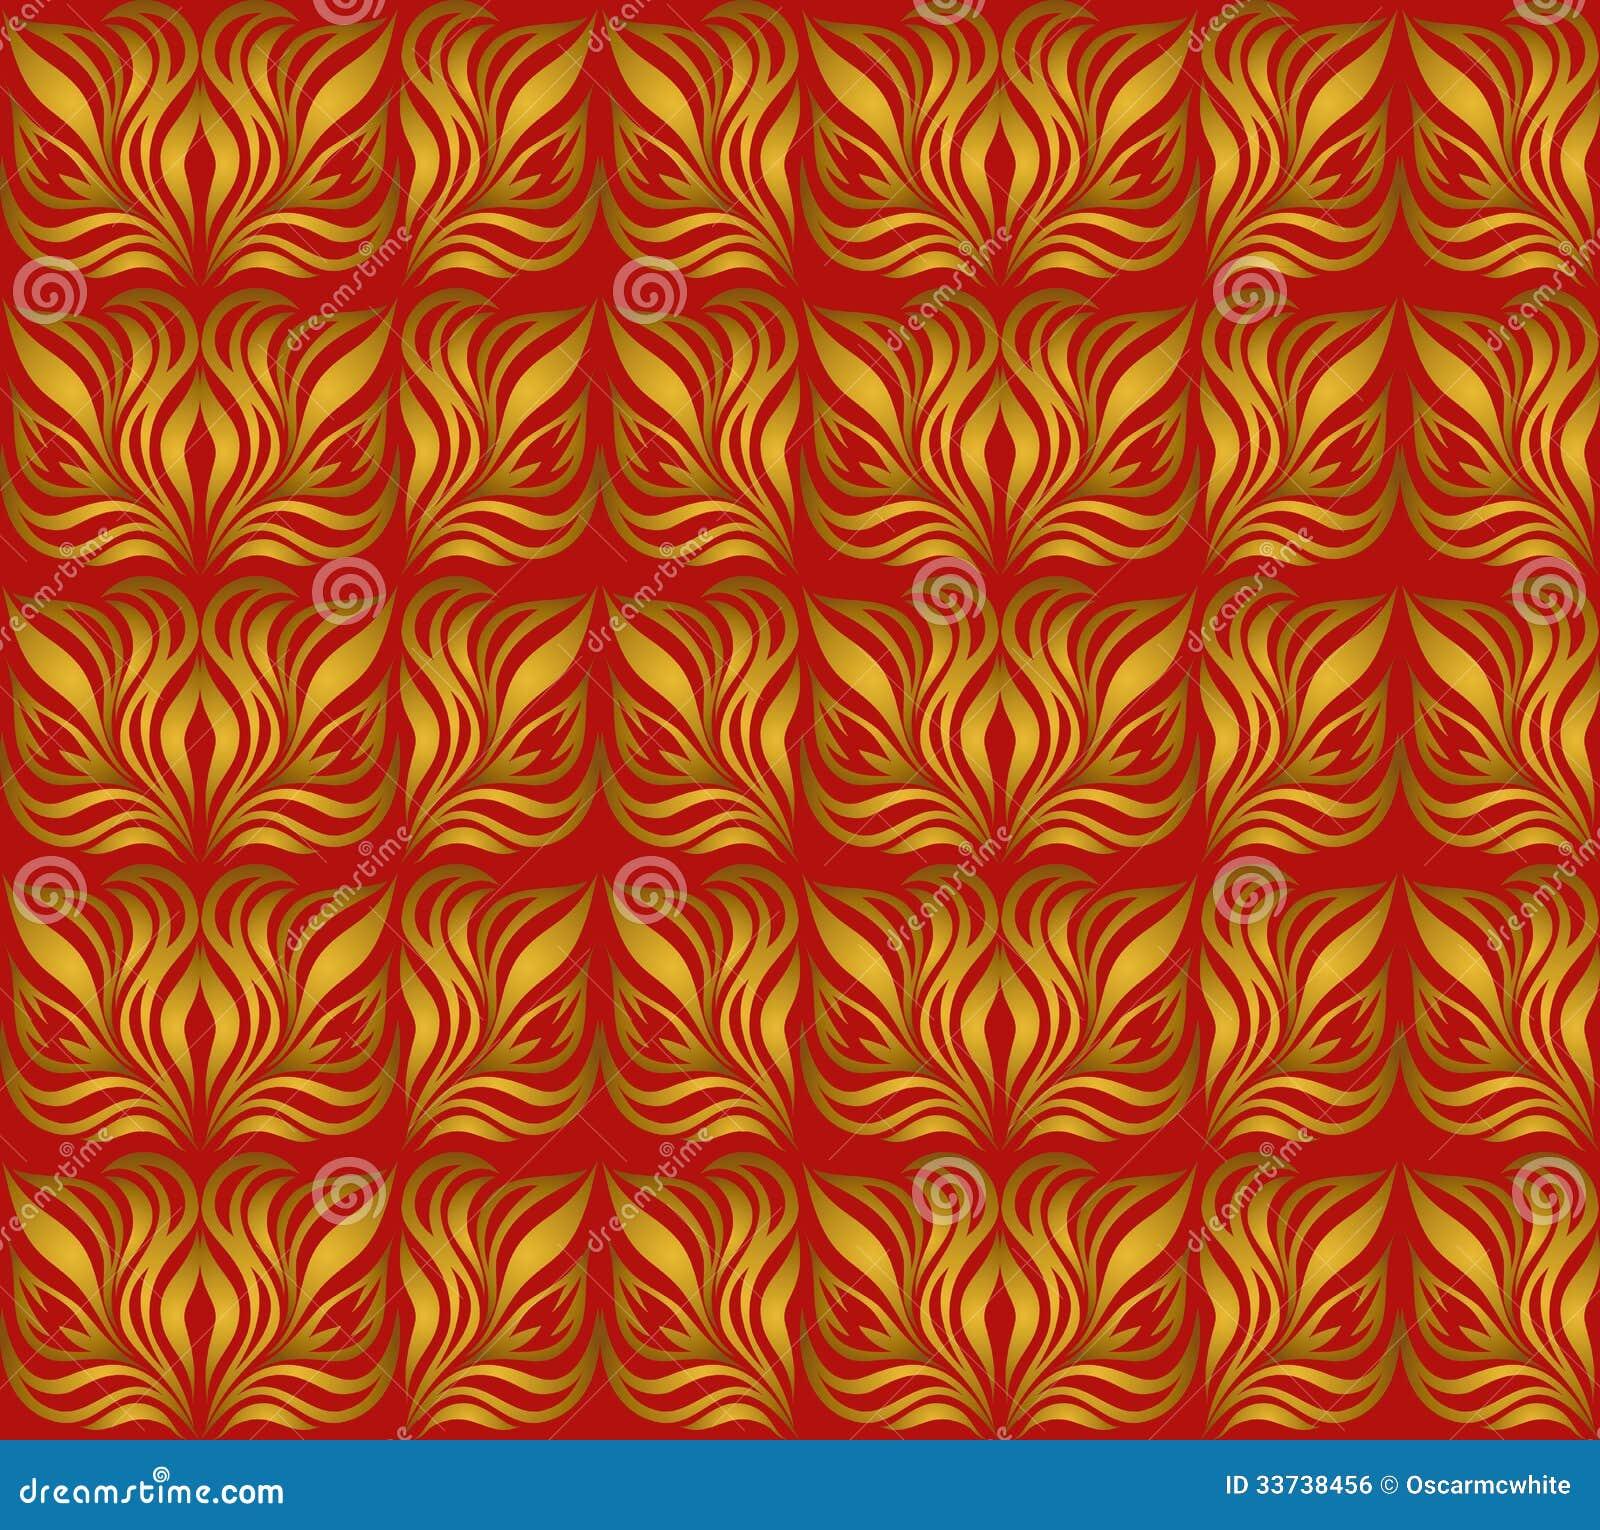 Безшовный орнамент с листовым золотом